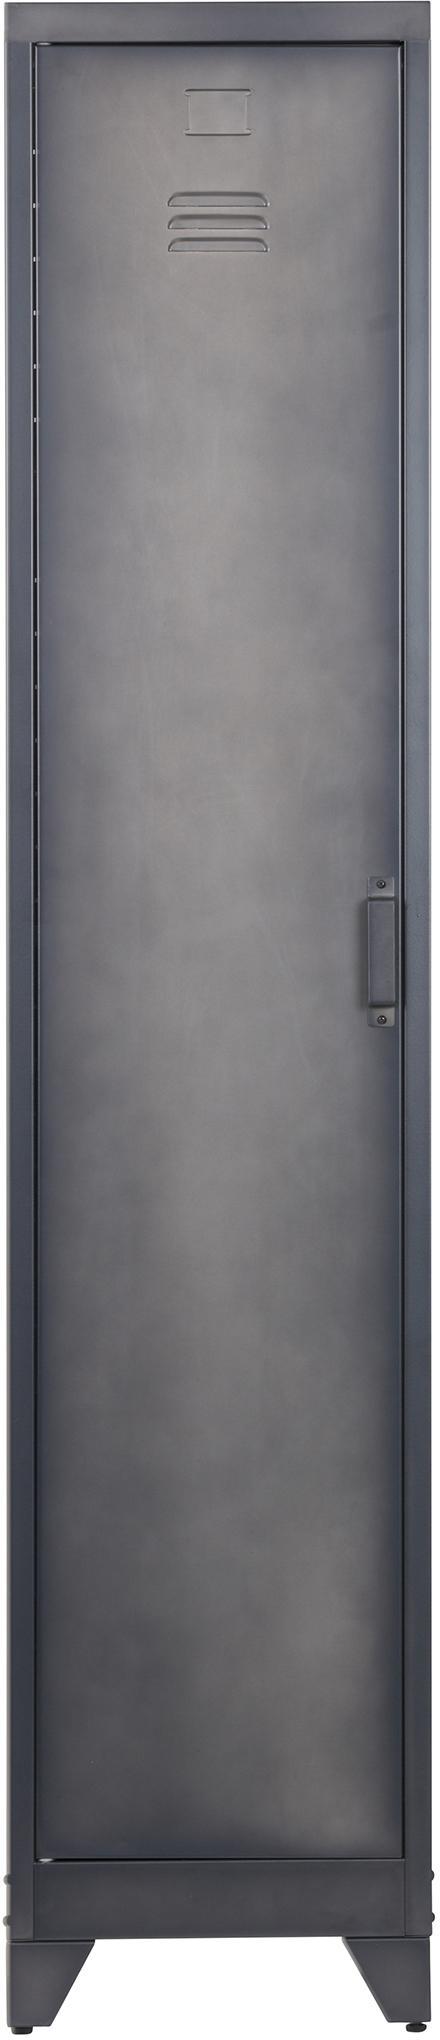 Schmaler Metallschrank Cas, Metall, beschichtet, Dunkelgrau, 38 x 180 cm